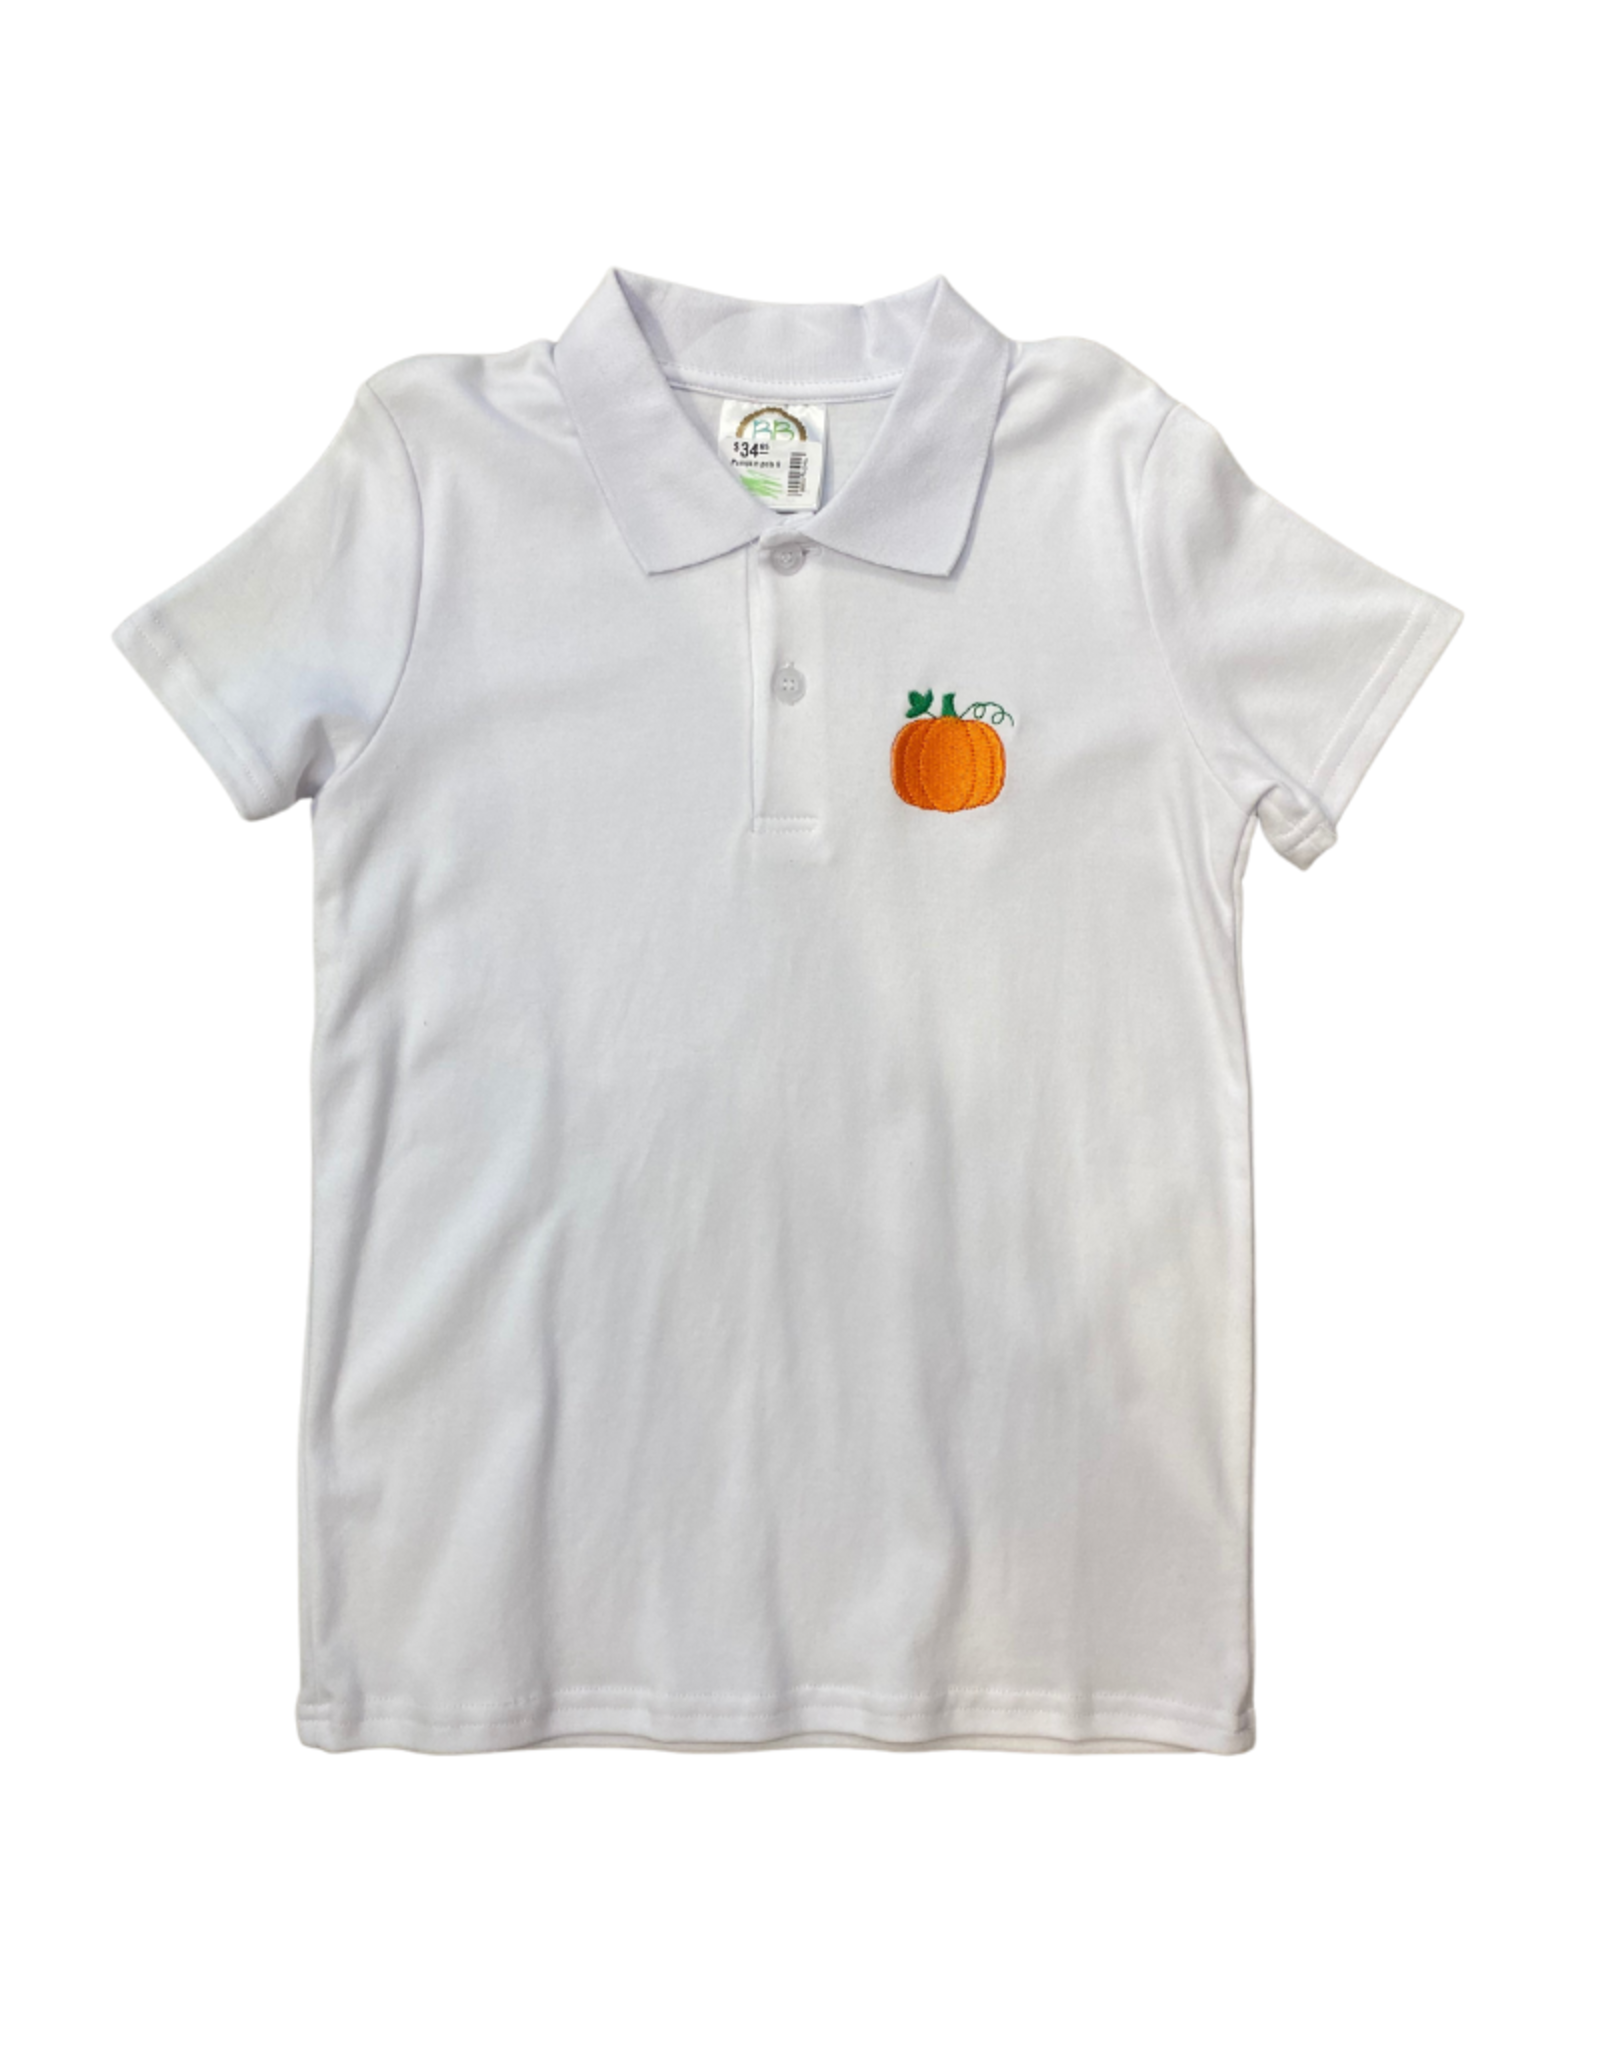 Pumpkin polo